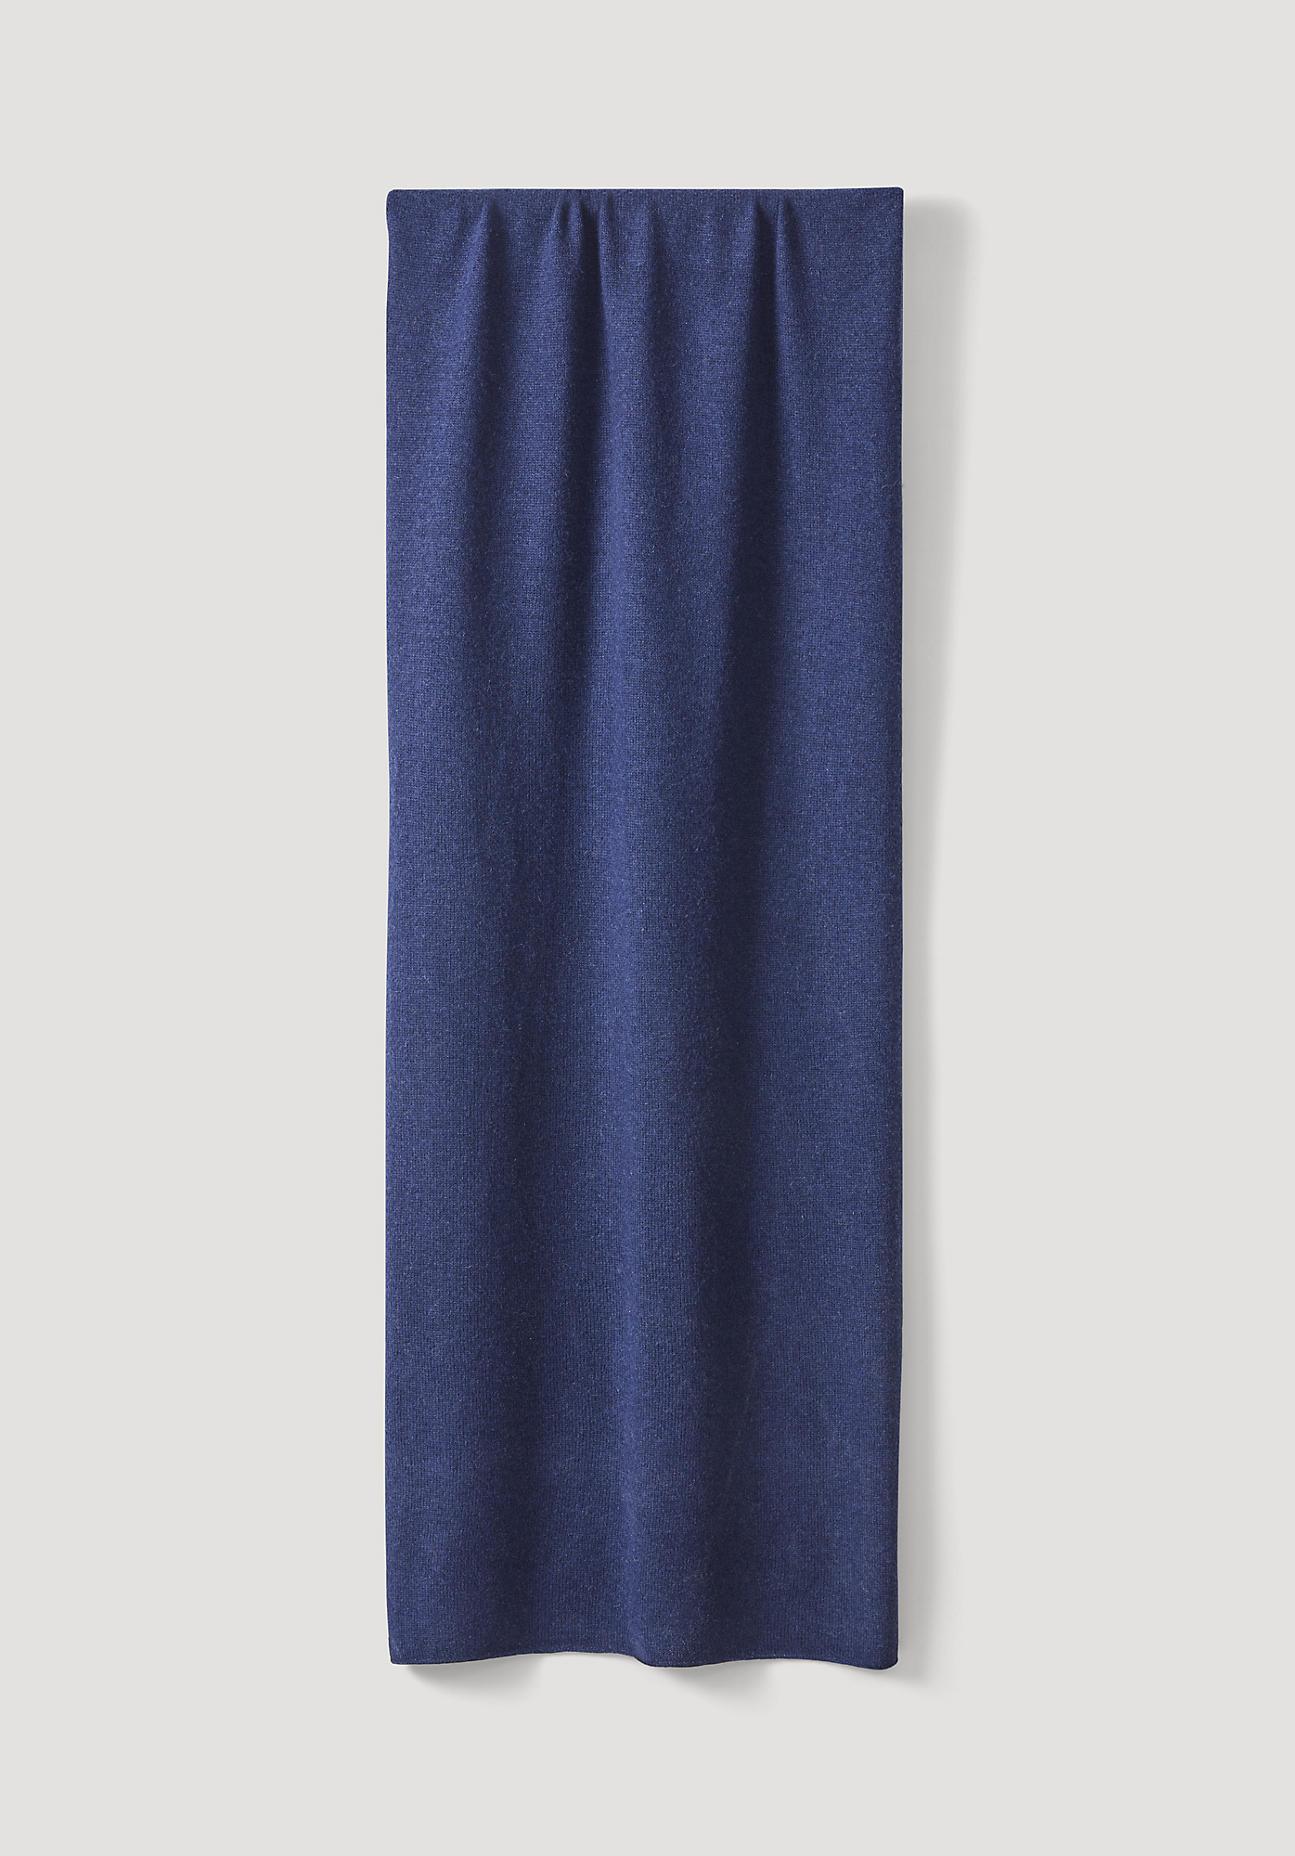 Schals für Frauen - hessnatur Damen Damen Strickschal aus Schurwolle mit Kaschmir – blau –  - Onlineshop Hessnatur